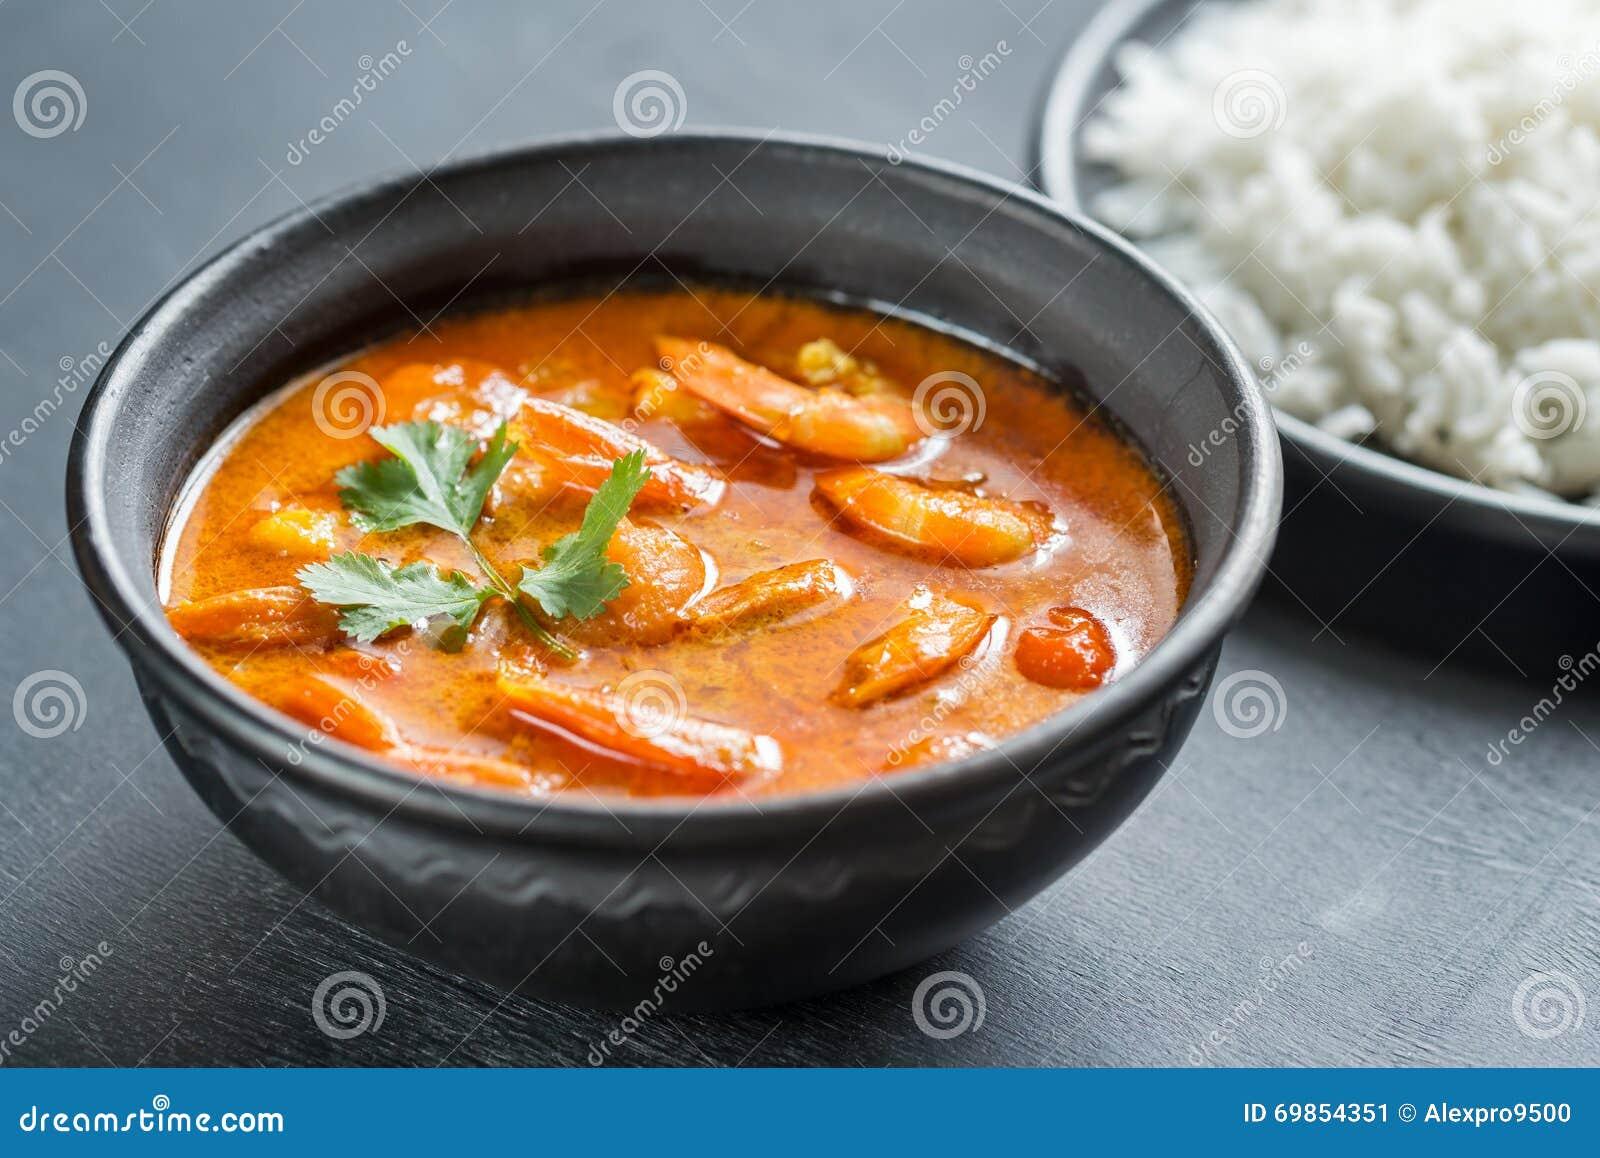 Thaise gele kerrie met zeevruchten en witte rijst